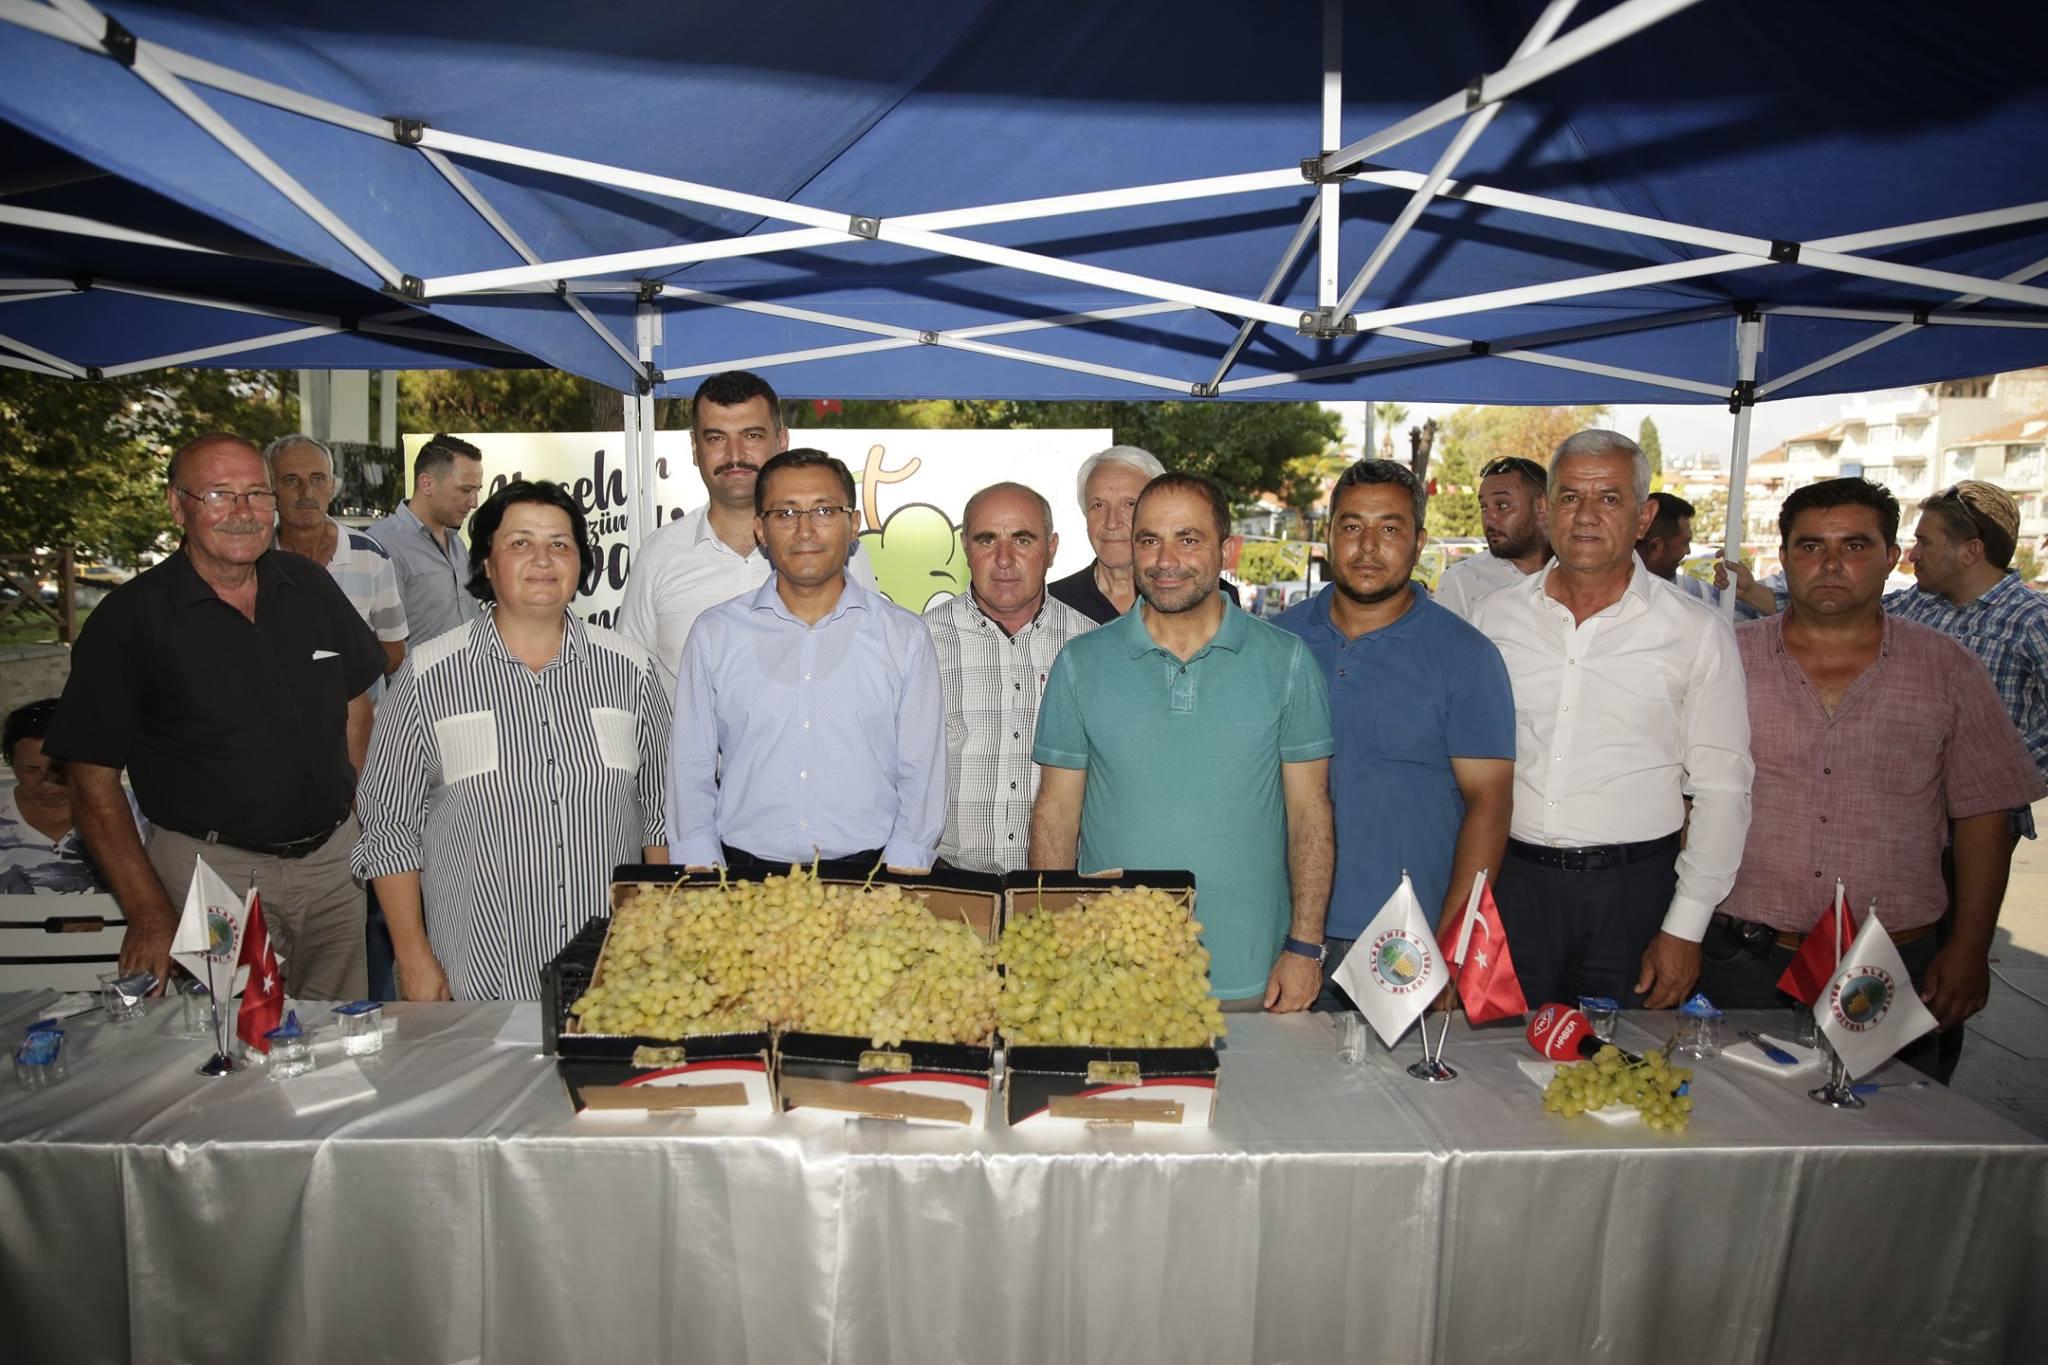 En Güzel Üzüm Yarışmamızı Cumhuriyet ve Demokrasi Meydanımızda gerçekleştirdik